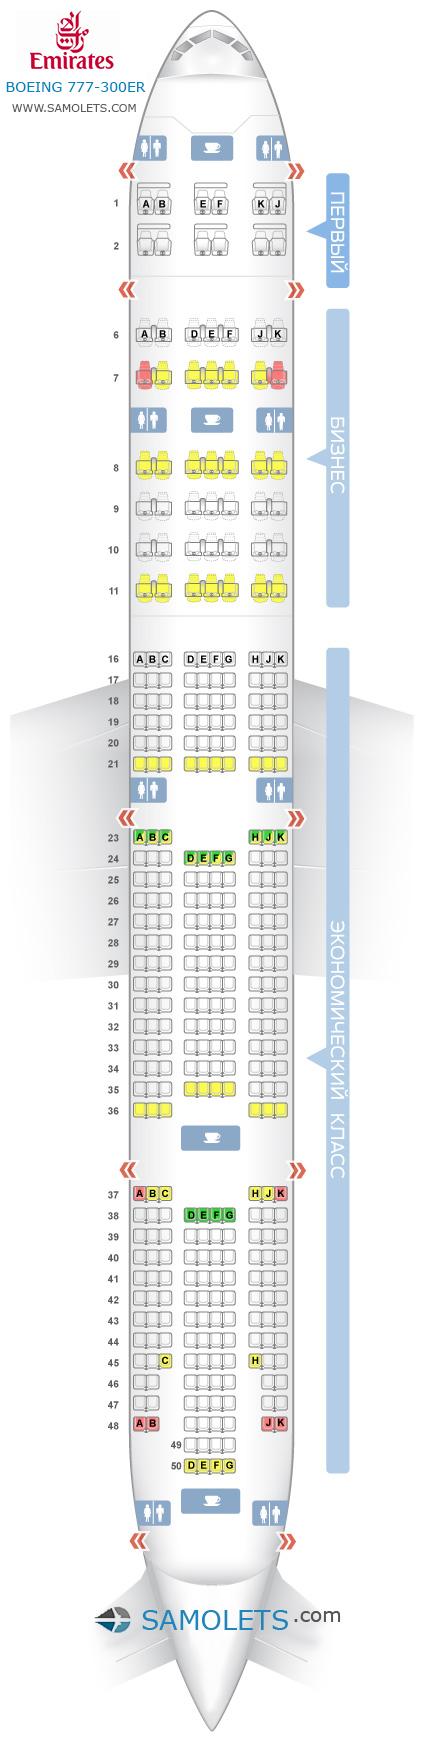 77-300er схема салона